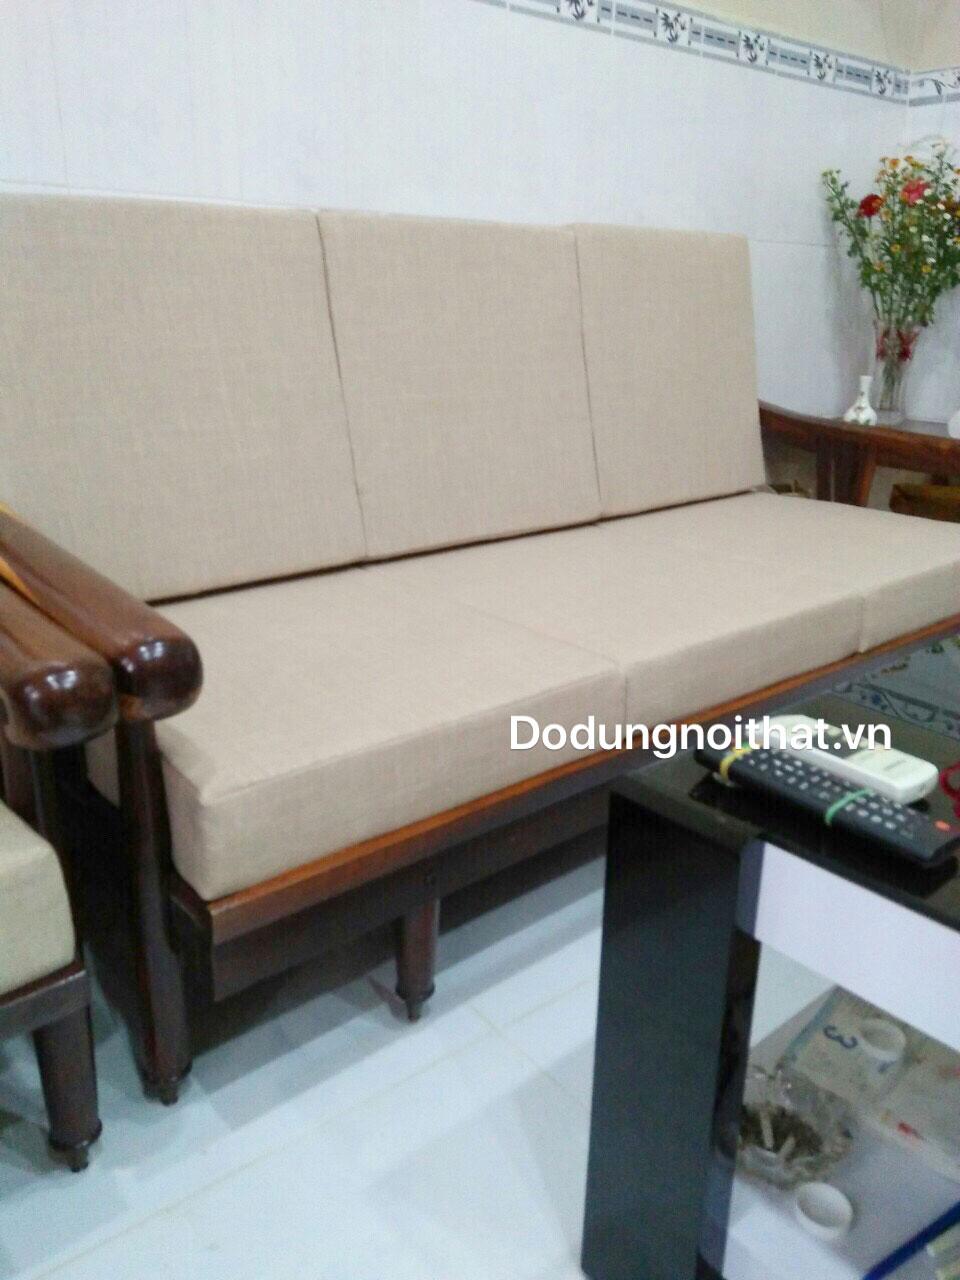 goi-sofa-hinh-khach-hang-dodungnoithat-n1